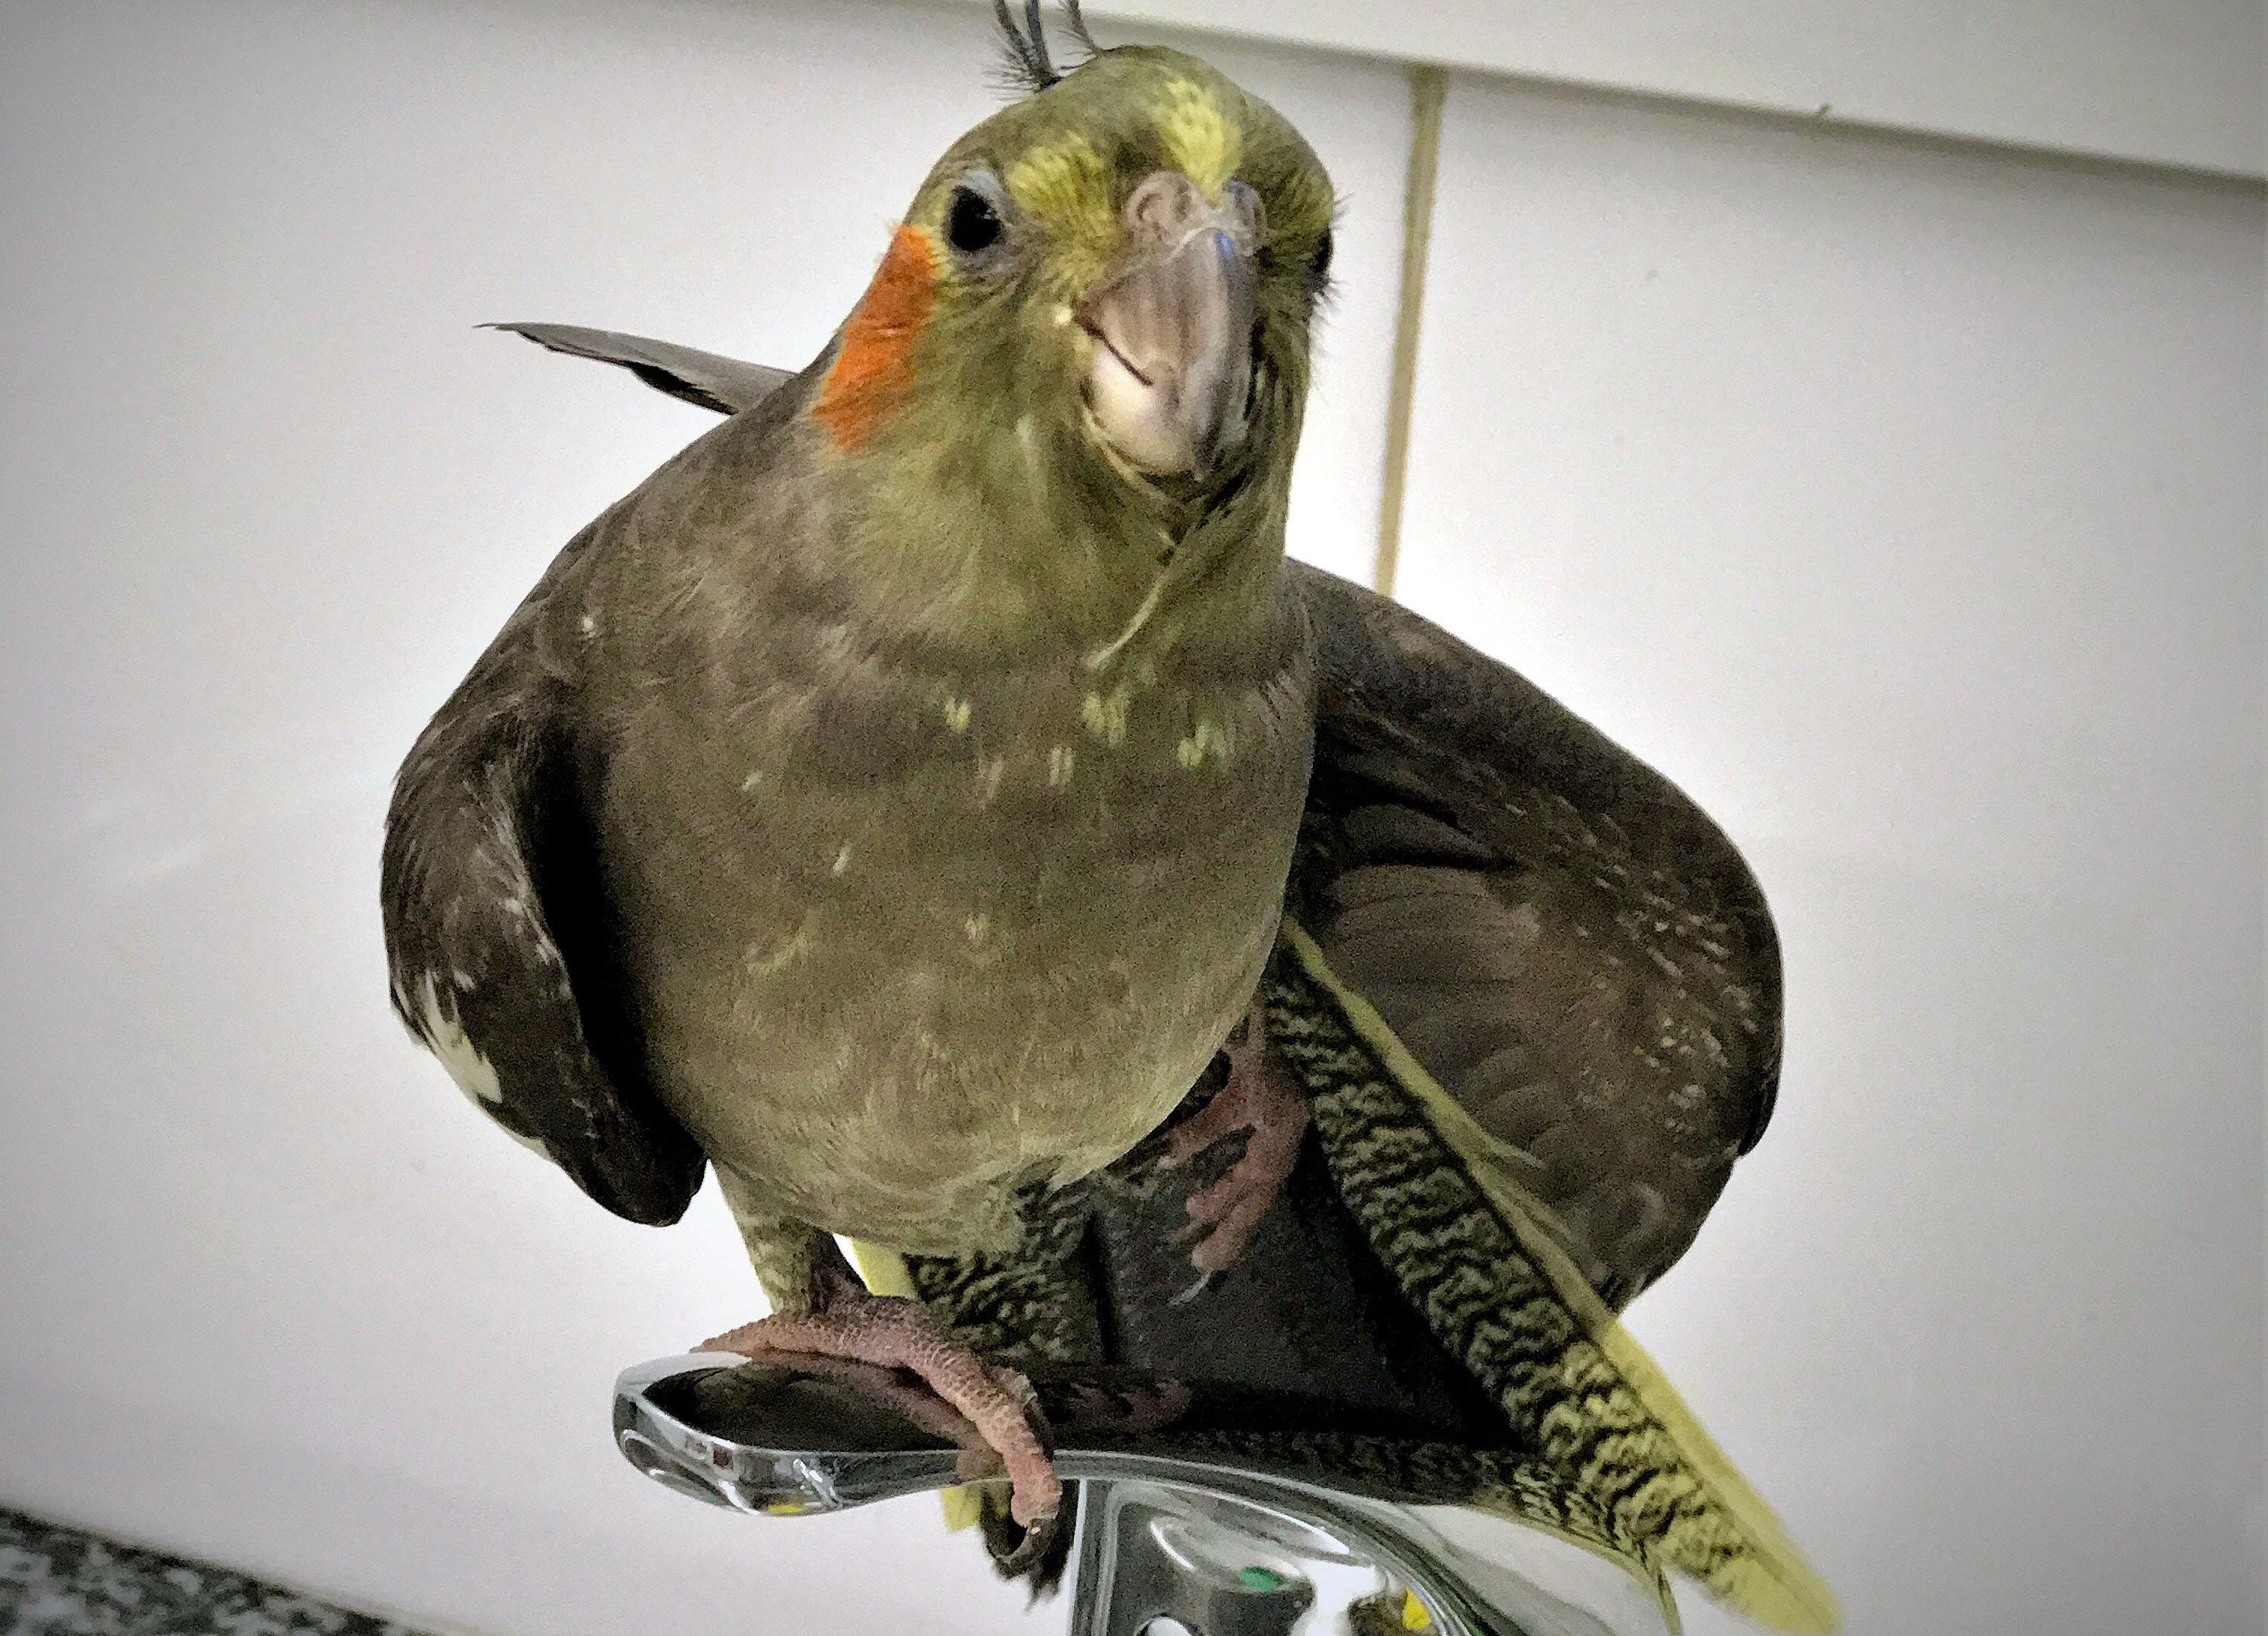 Un ocell enfilat sobre una aixeta